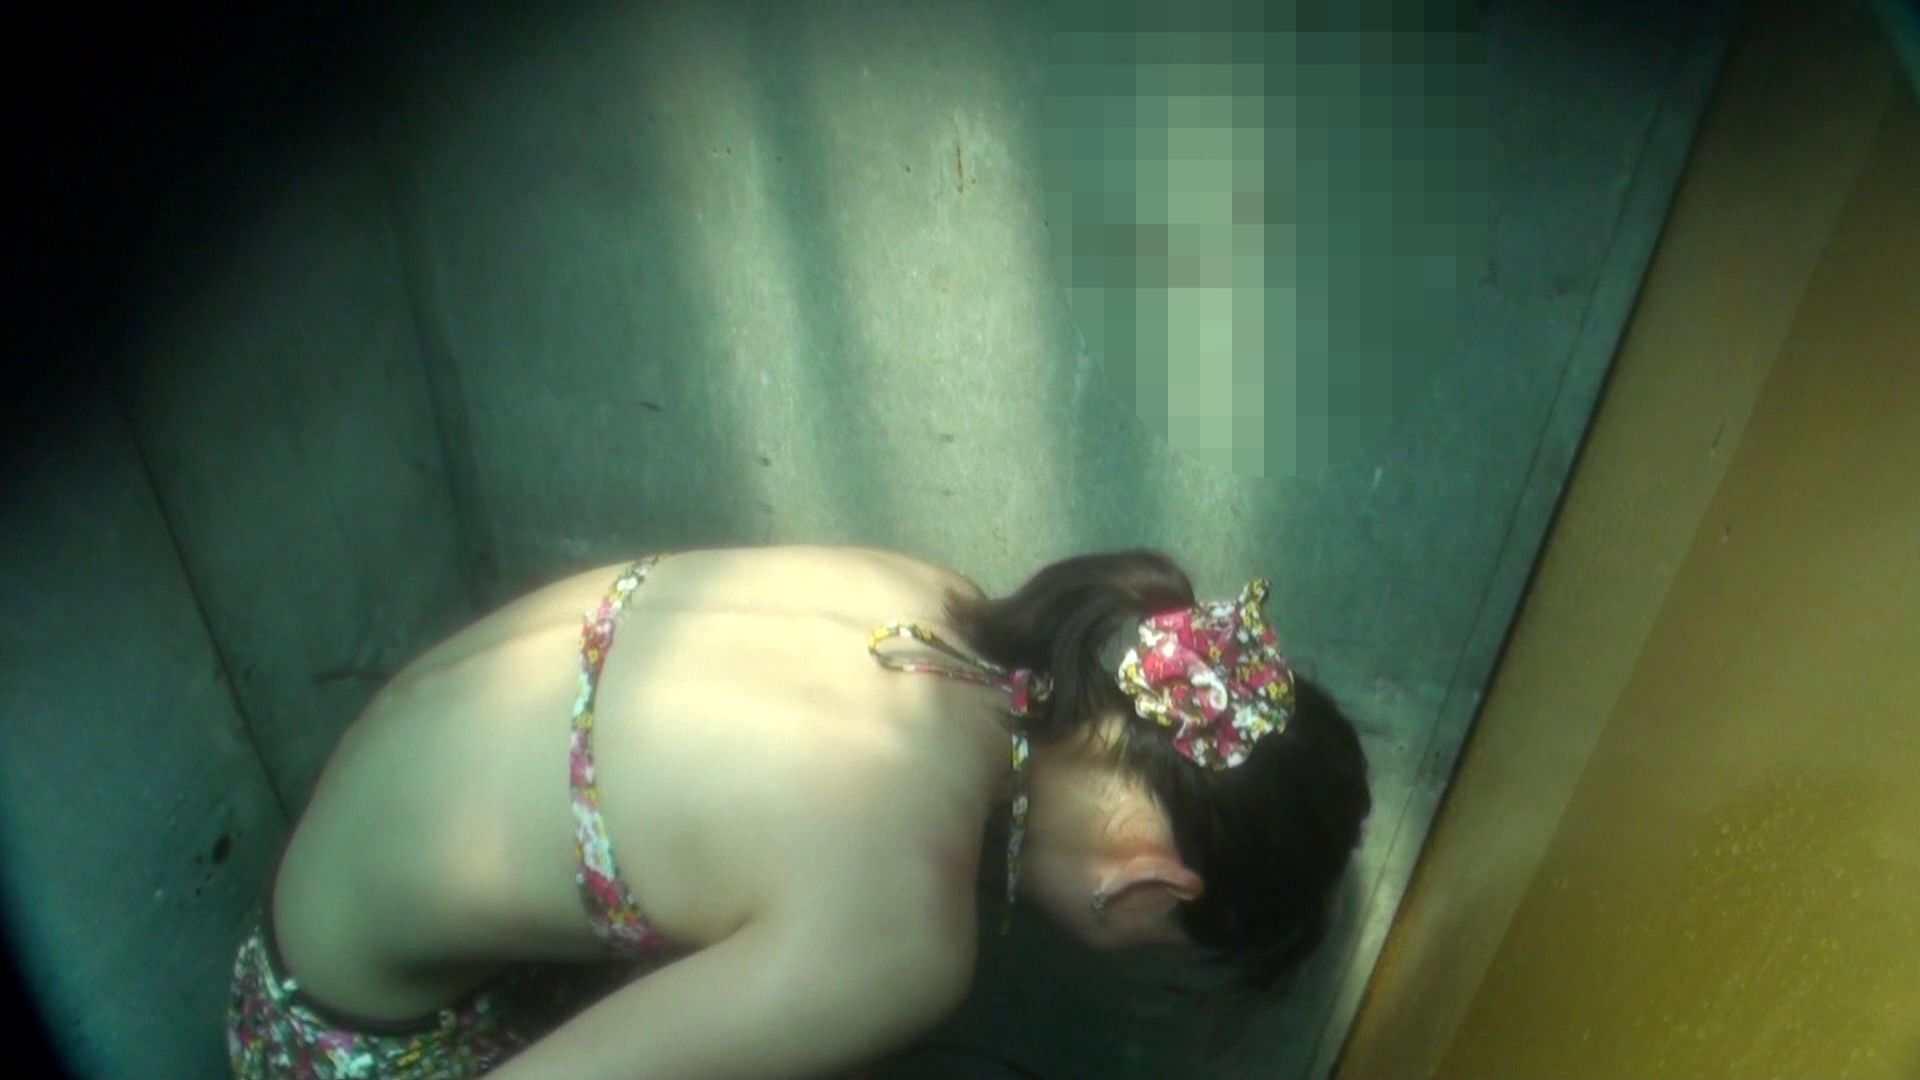 シャワールームは超!!危険な香りVol.16 意外に乳首は年増のそれ シャワー エロ無料画像 97pic 5